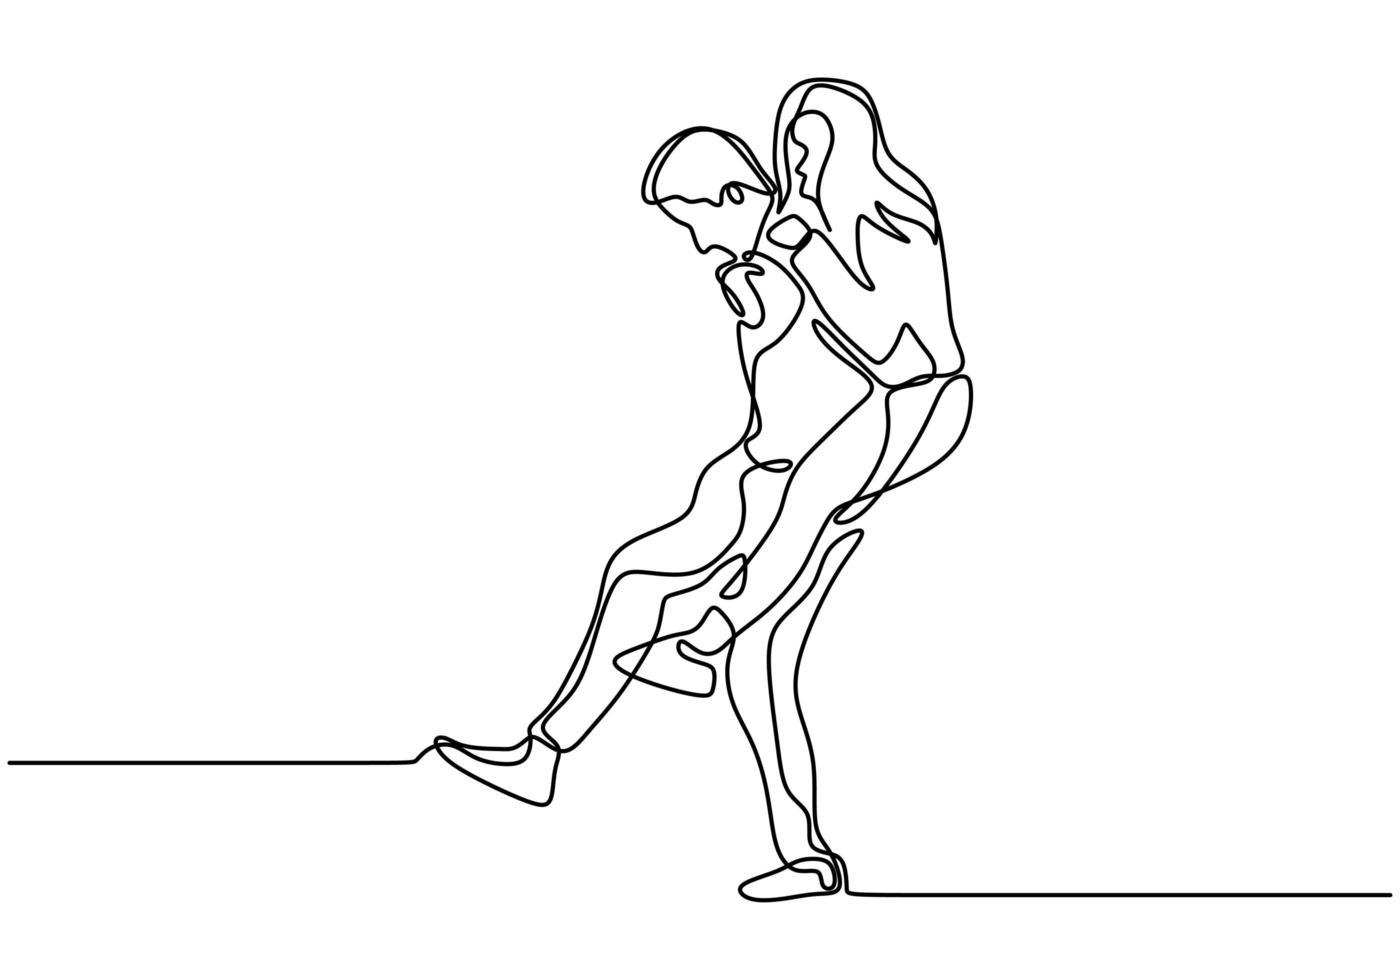 doorlopende lijntekening. romantisch koppel. liefhebbers thema conceptontwerp. een hand getekend minimalisme. metafoor van liefde vectorillustratie, man met meisje geïsoleerd op een witte achtergrond. vector